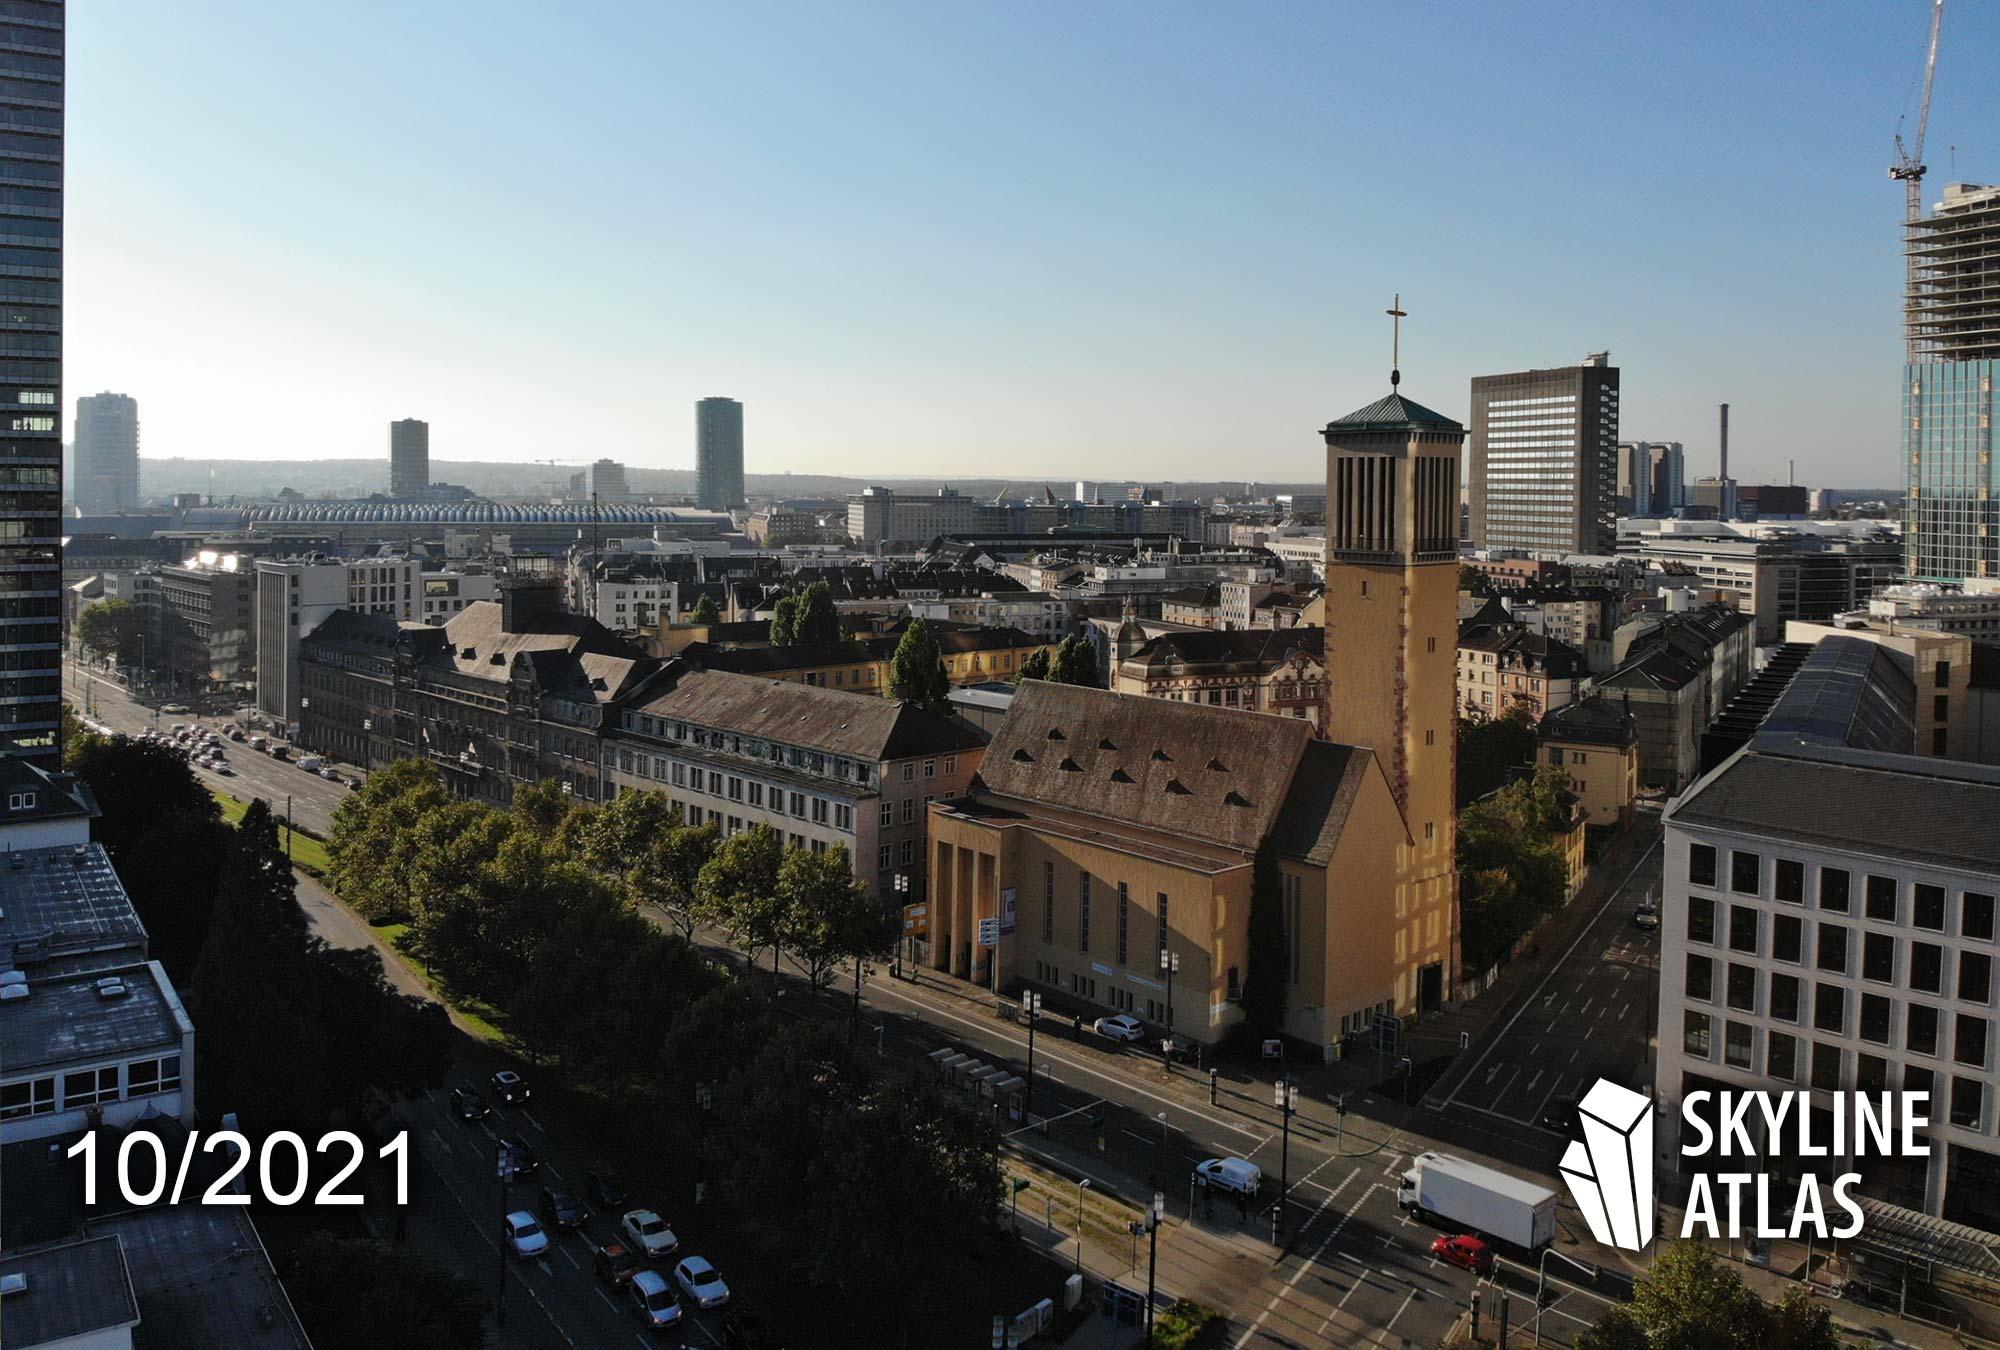 Das Präsidium Frankfurt - Altes Polizeipräsidium Hochhaus FFM - Ehemaliges Polizei-Präsidium in Frankfurt am Main - Baufortschritt - Baustelle - Oktober 2021